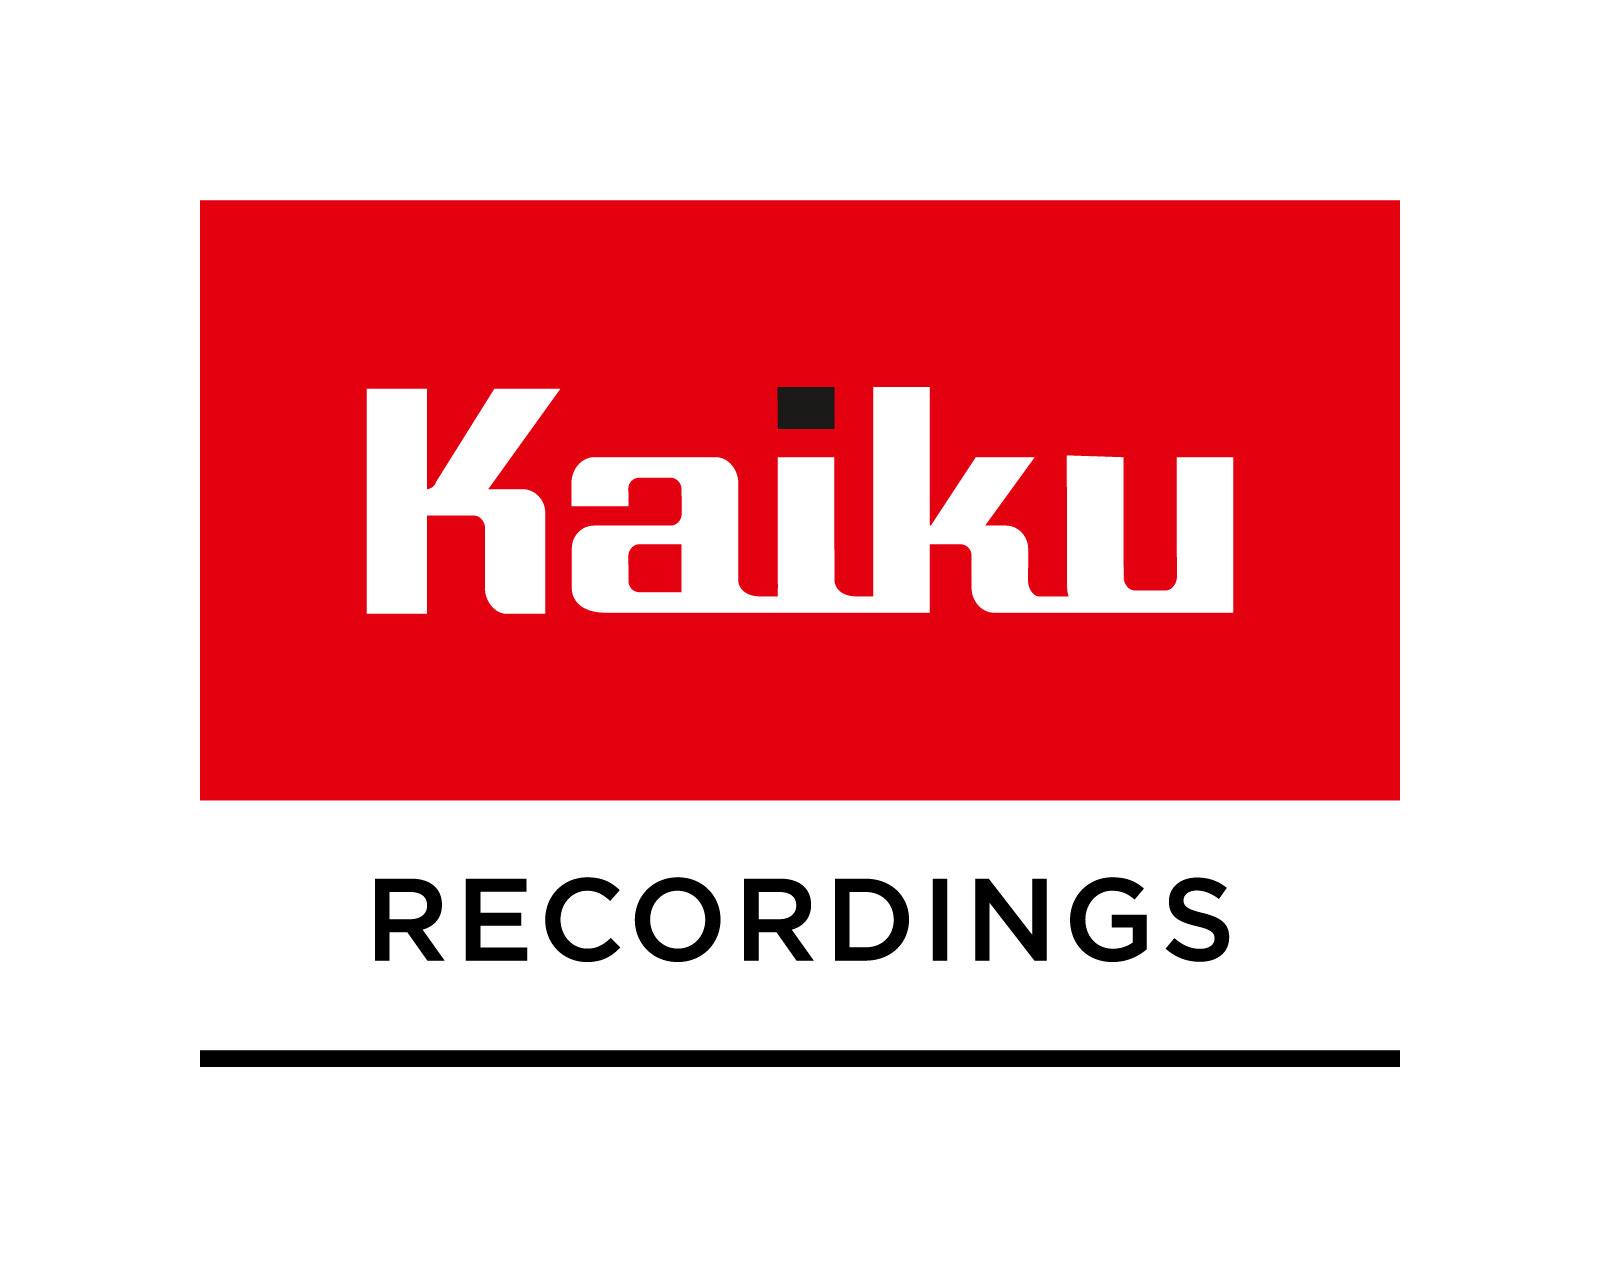 KAIKU_1200px_W5-1.jpg